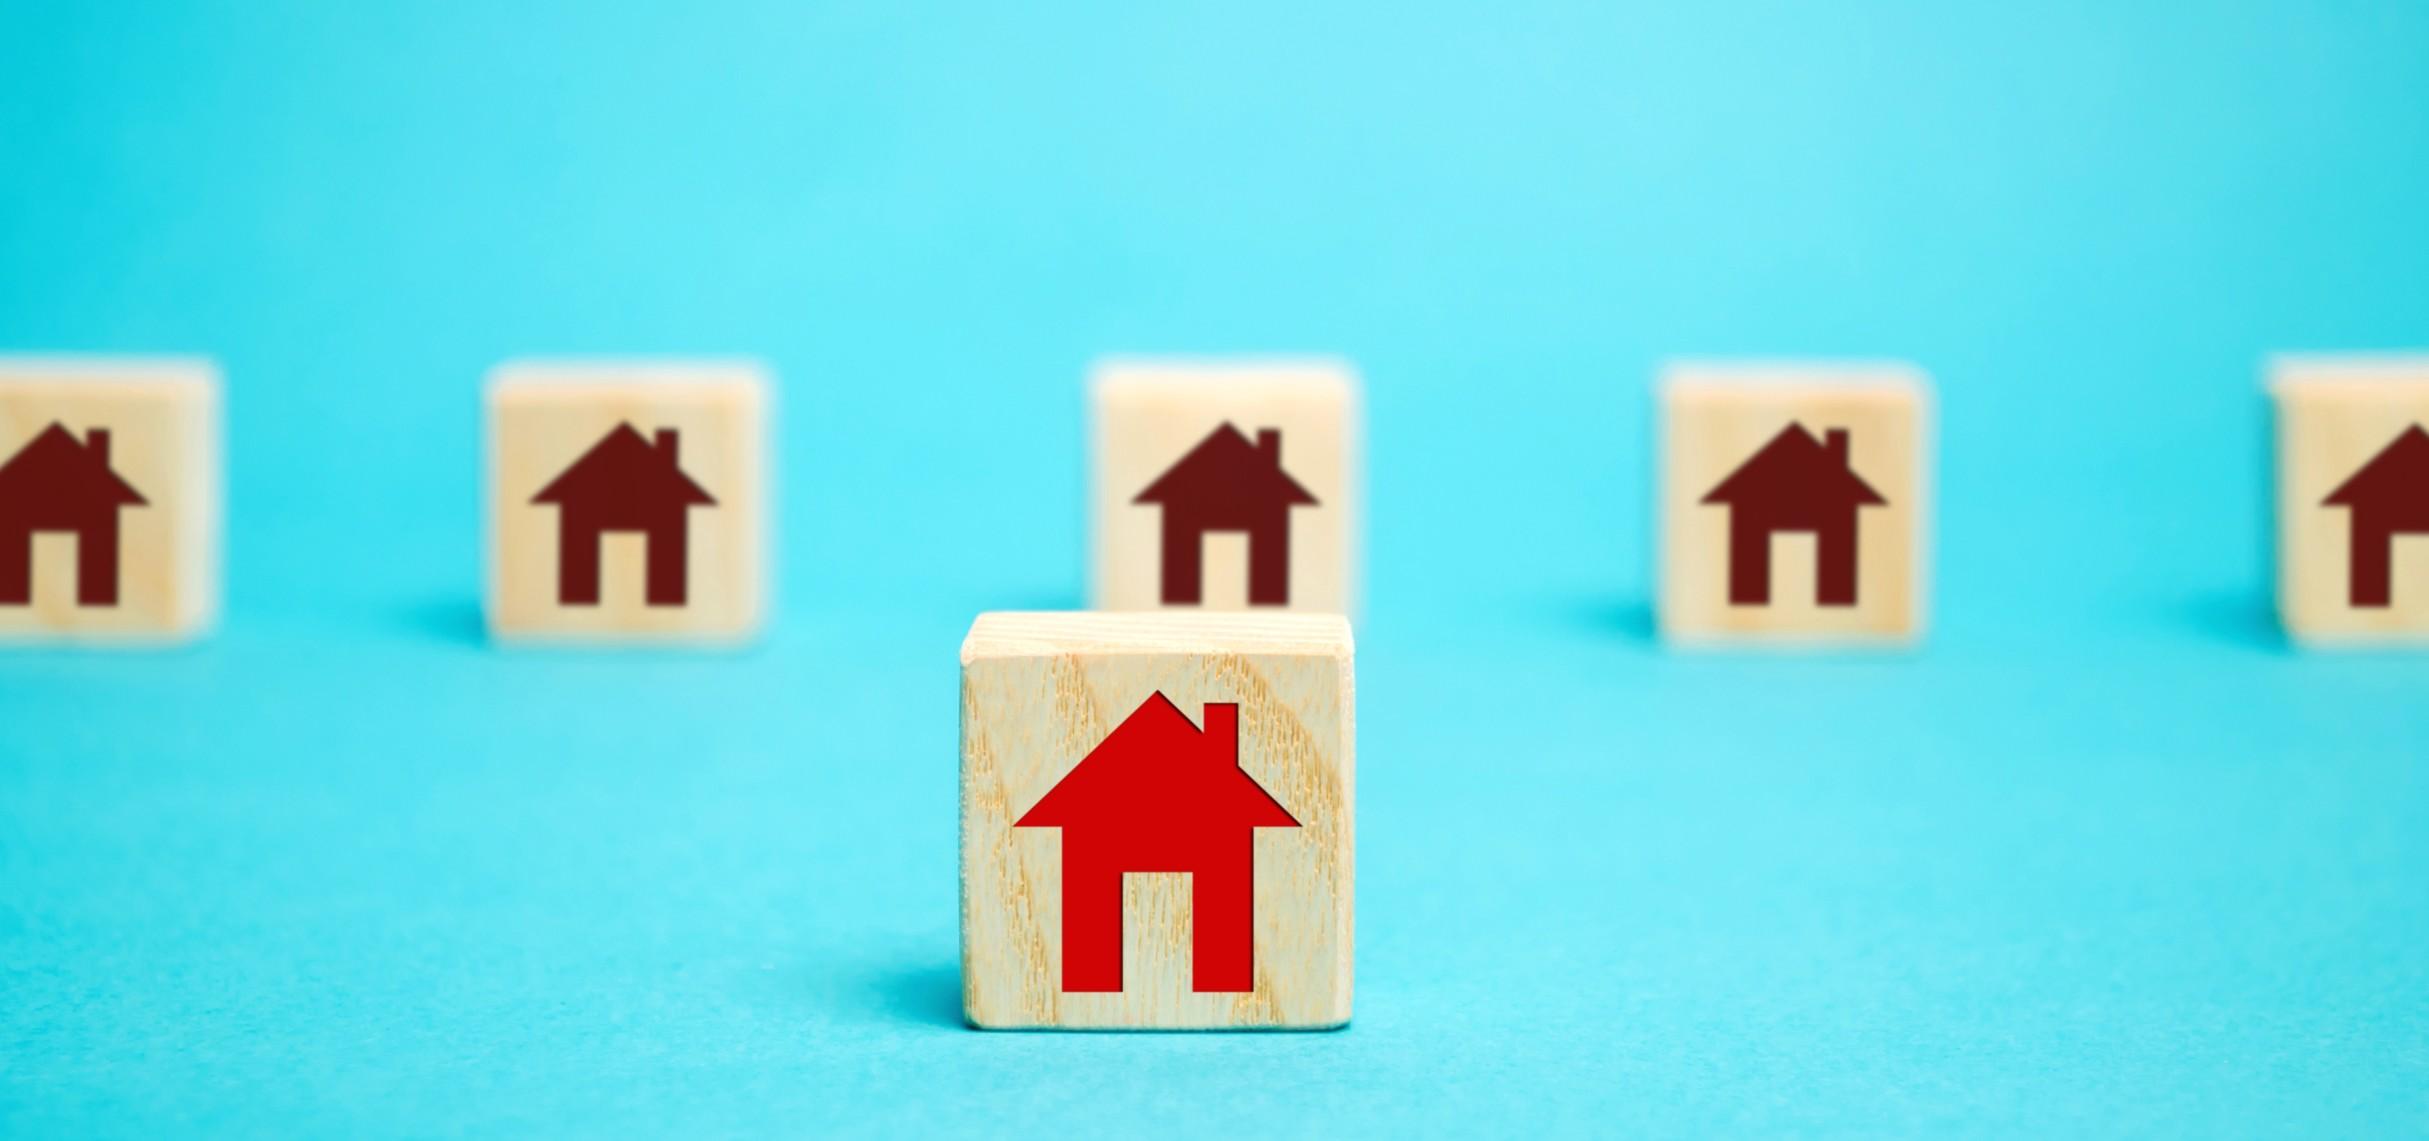 Passer par une agence immobilière, quels avantages?